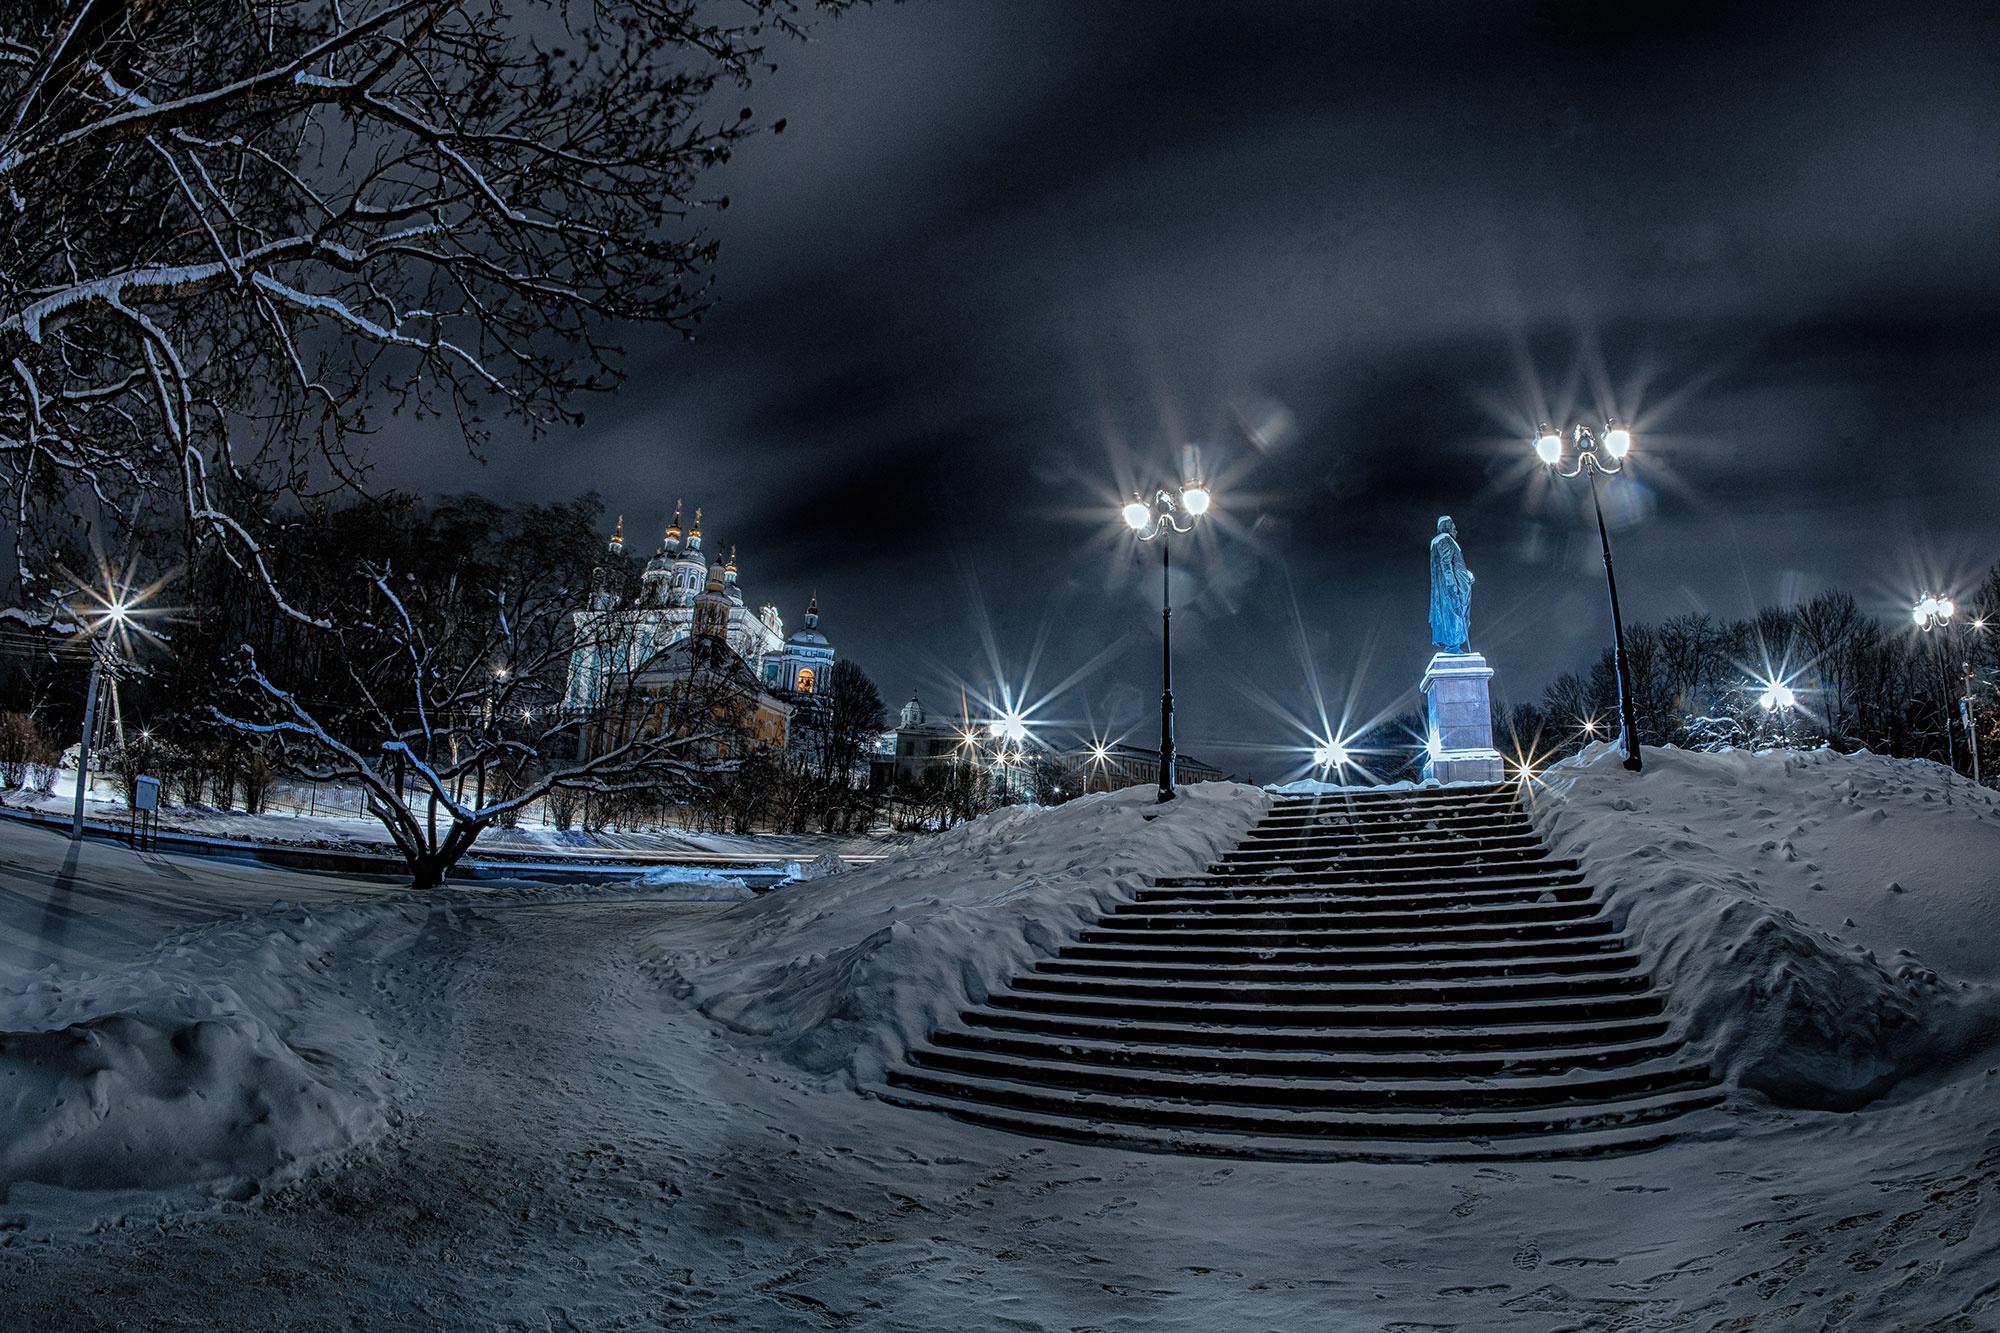 Картинка Россия Памятники Smolensk Зима лестницы снеге храм ночью Уличные фонари город 2000x1333 зимние Лестница Снег снега снегу Ночь Храмы в ночи Ночные Города